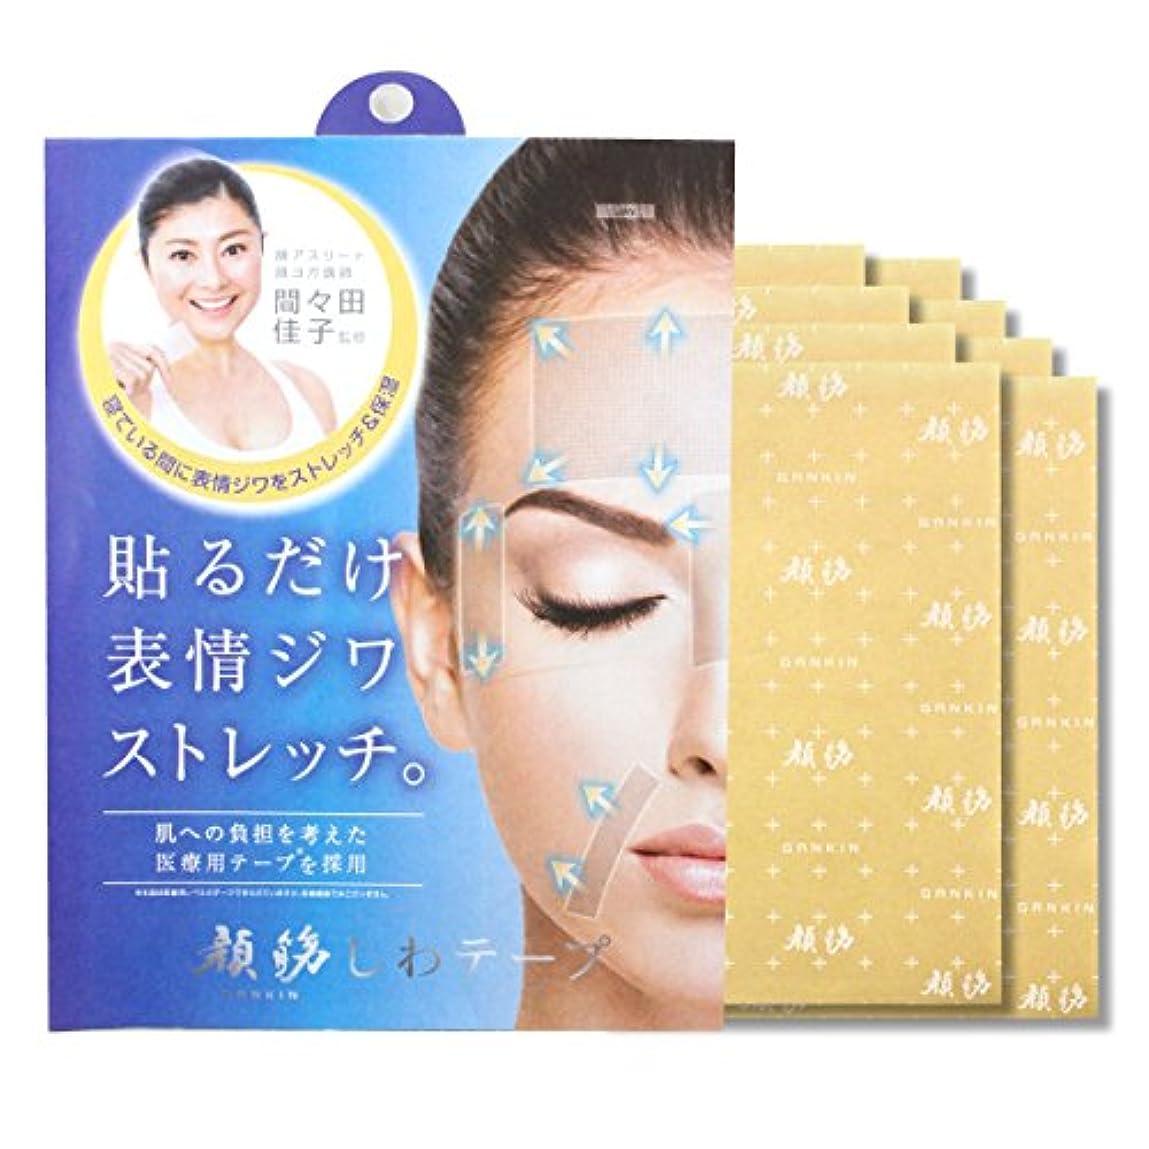 アトラス摂氏条件付き顔筋シワテープ (8枚組)